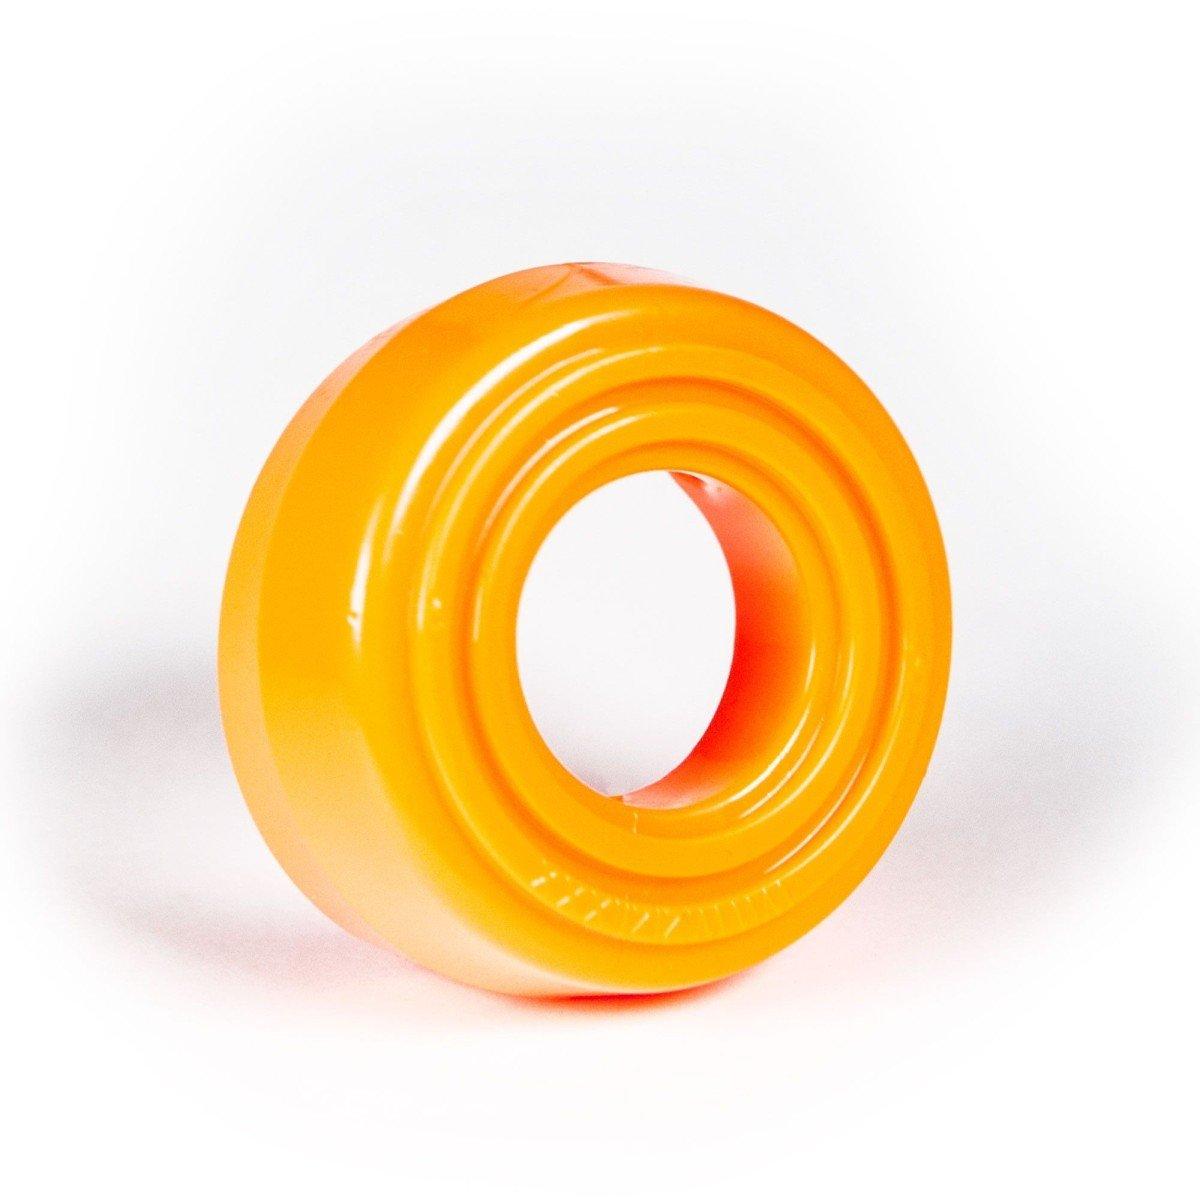 Erekčný krúžok Zizi Accelerator oranžový